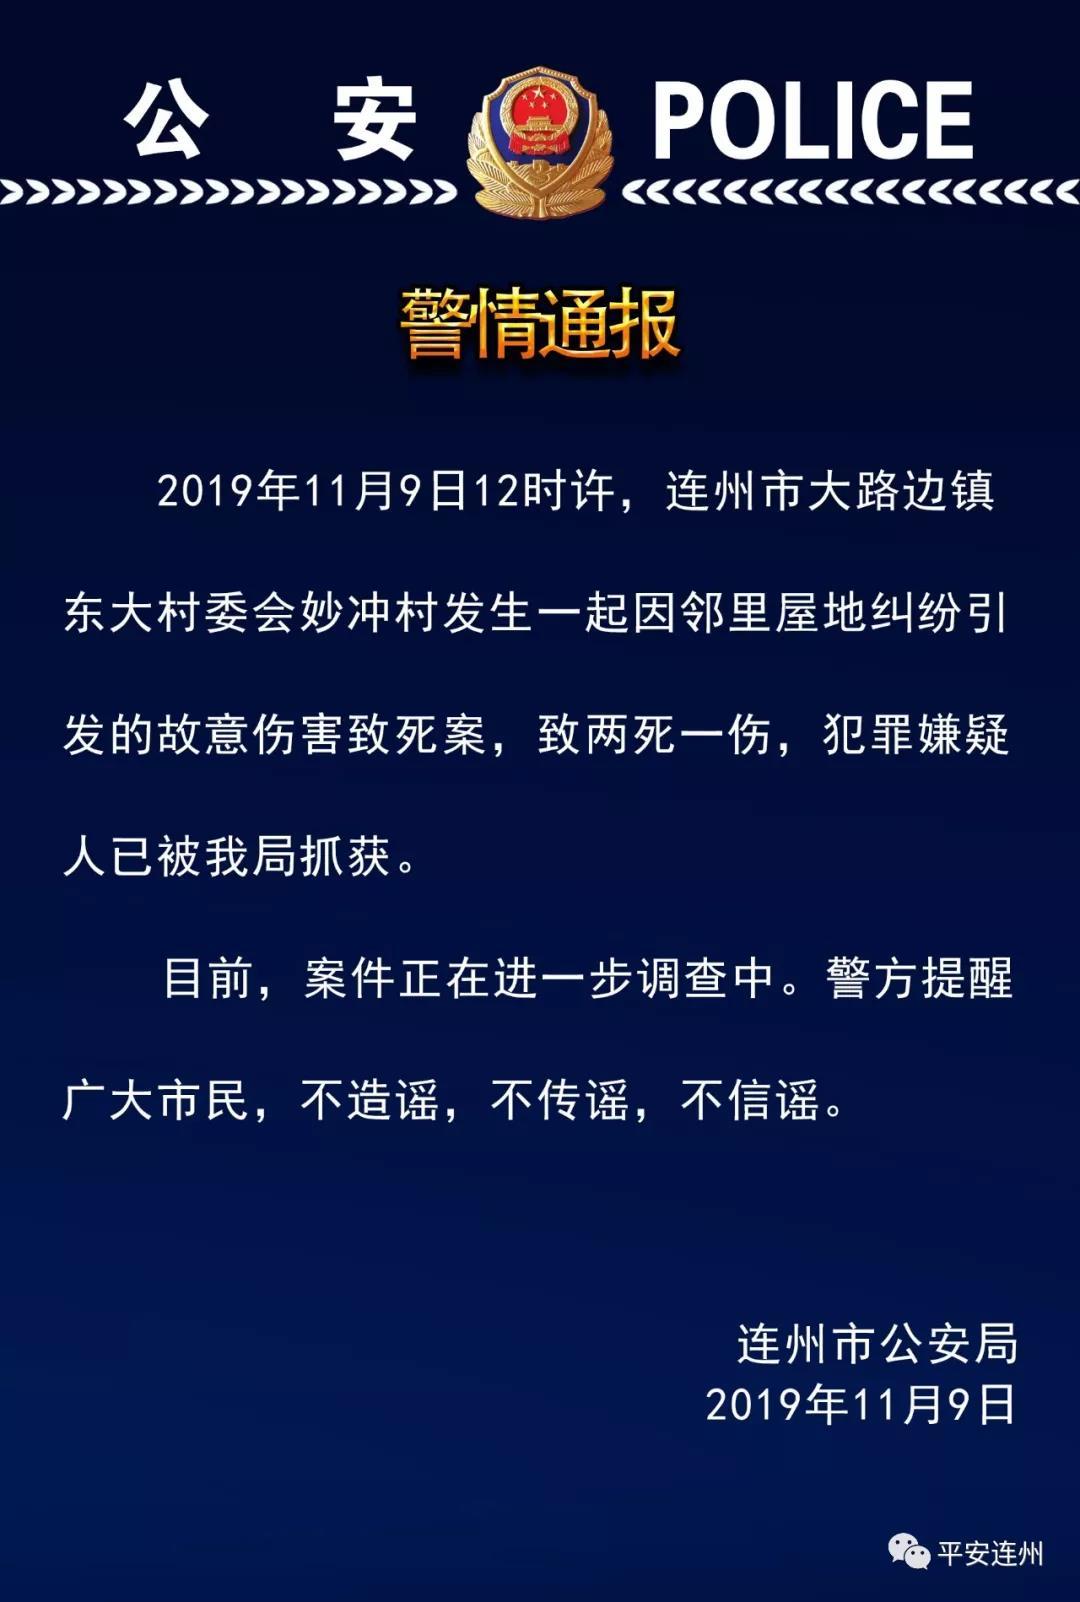 广东连州因邻里屋地纠纷引发故意伤害致死案:致两死一伤